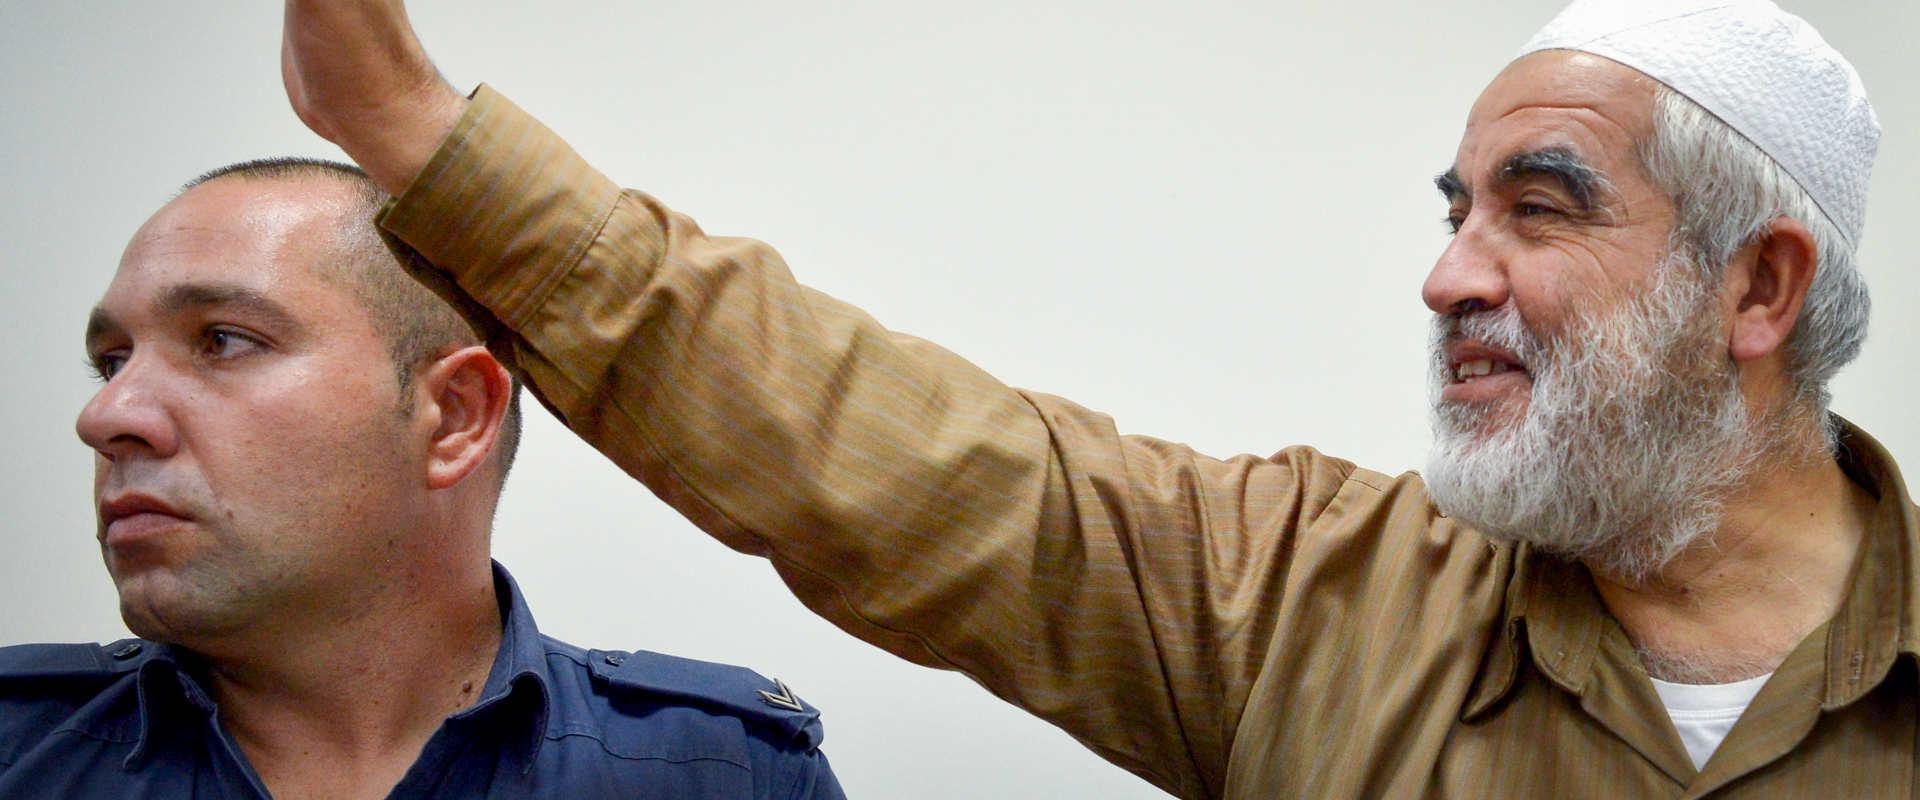 שייח ראאד סלאח בבית המשפט בהארכת מעצרו